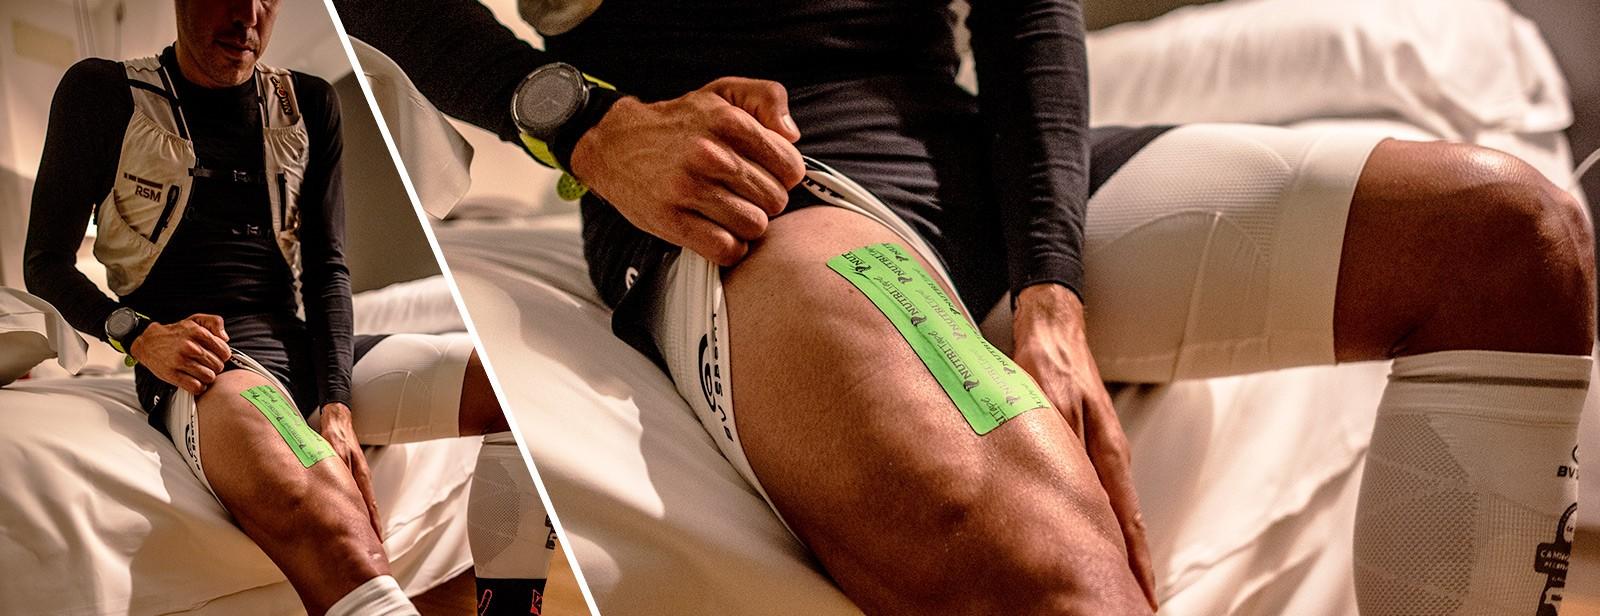 NUTRITAPE | El primer parche deportivo que alimenta tus músculos